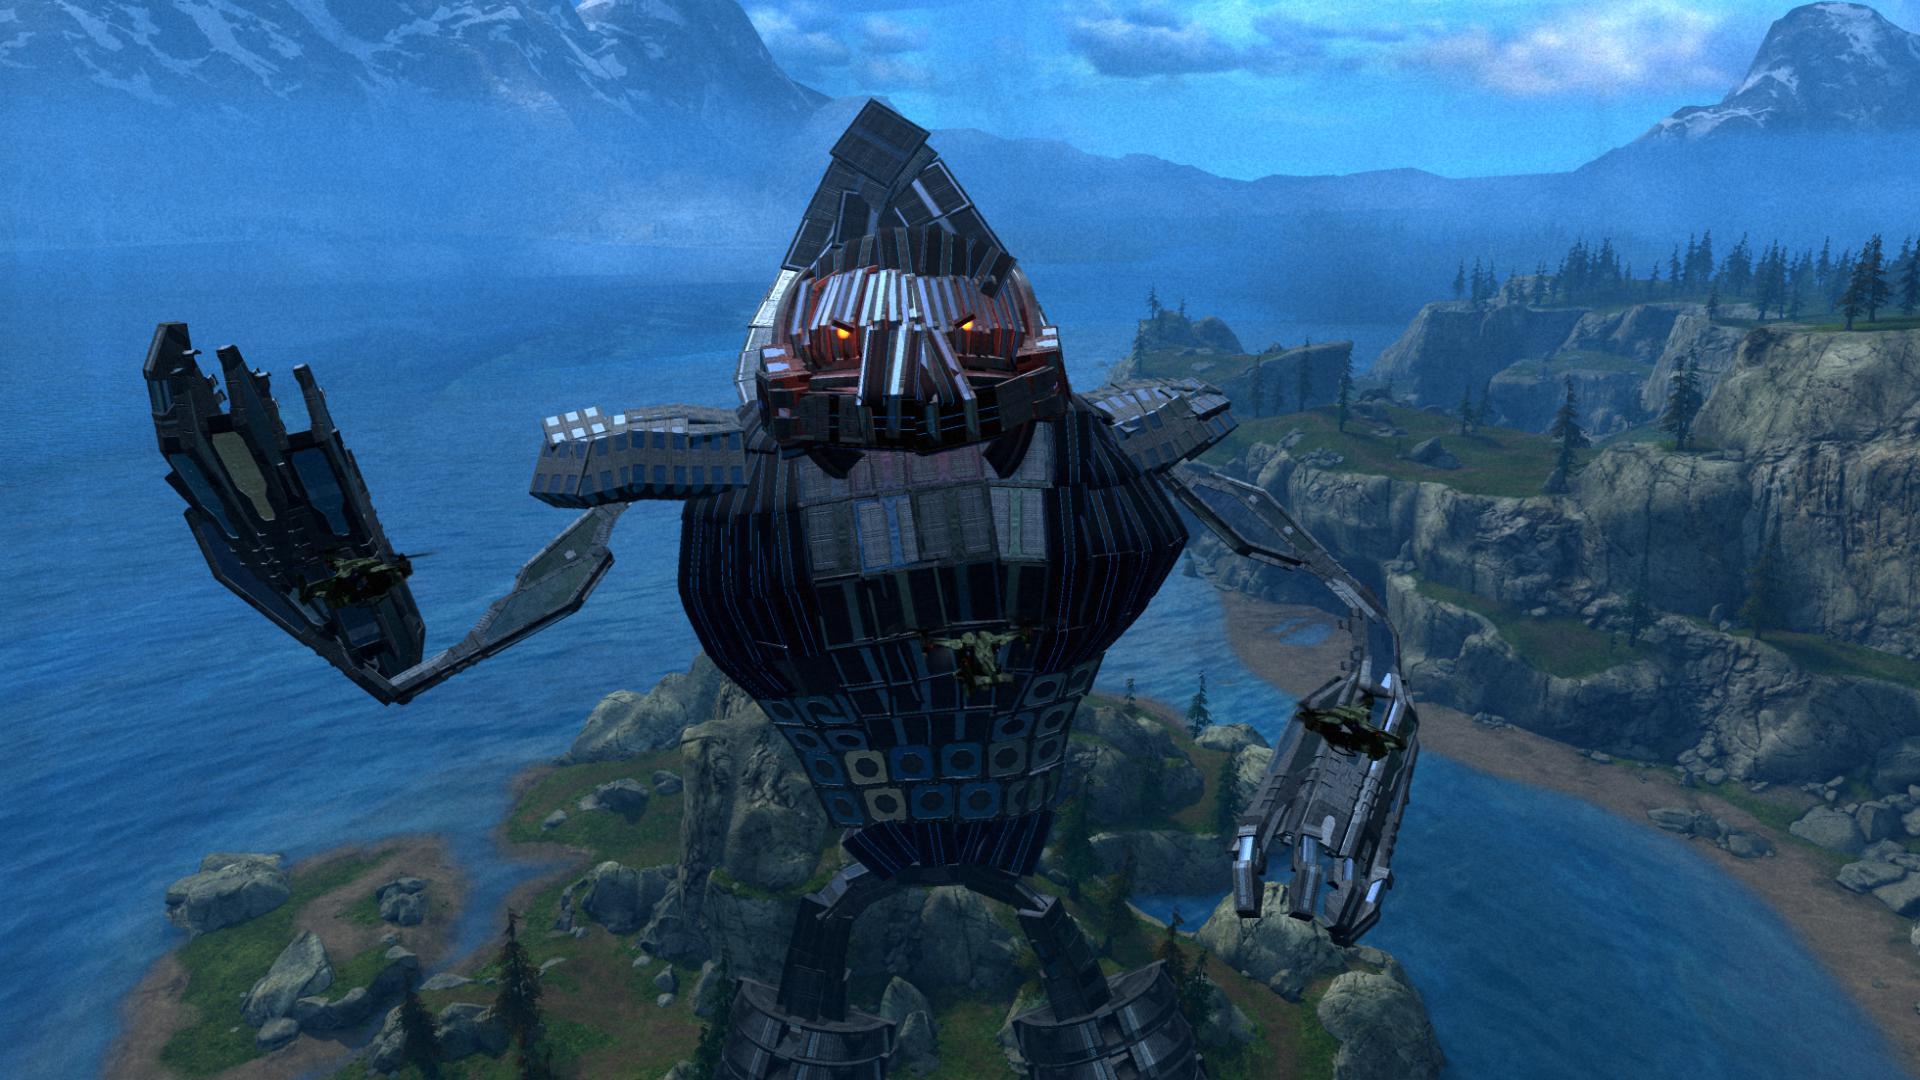 Herramientas de Forge en Halo 5 llegan a PC en septiembre